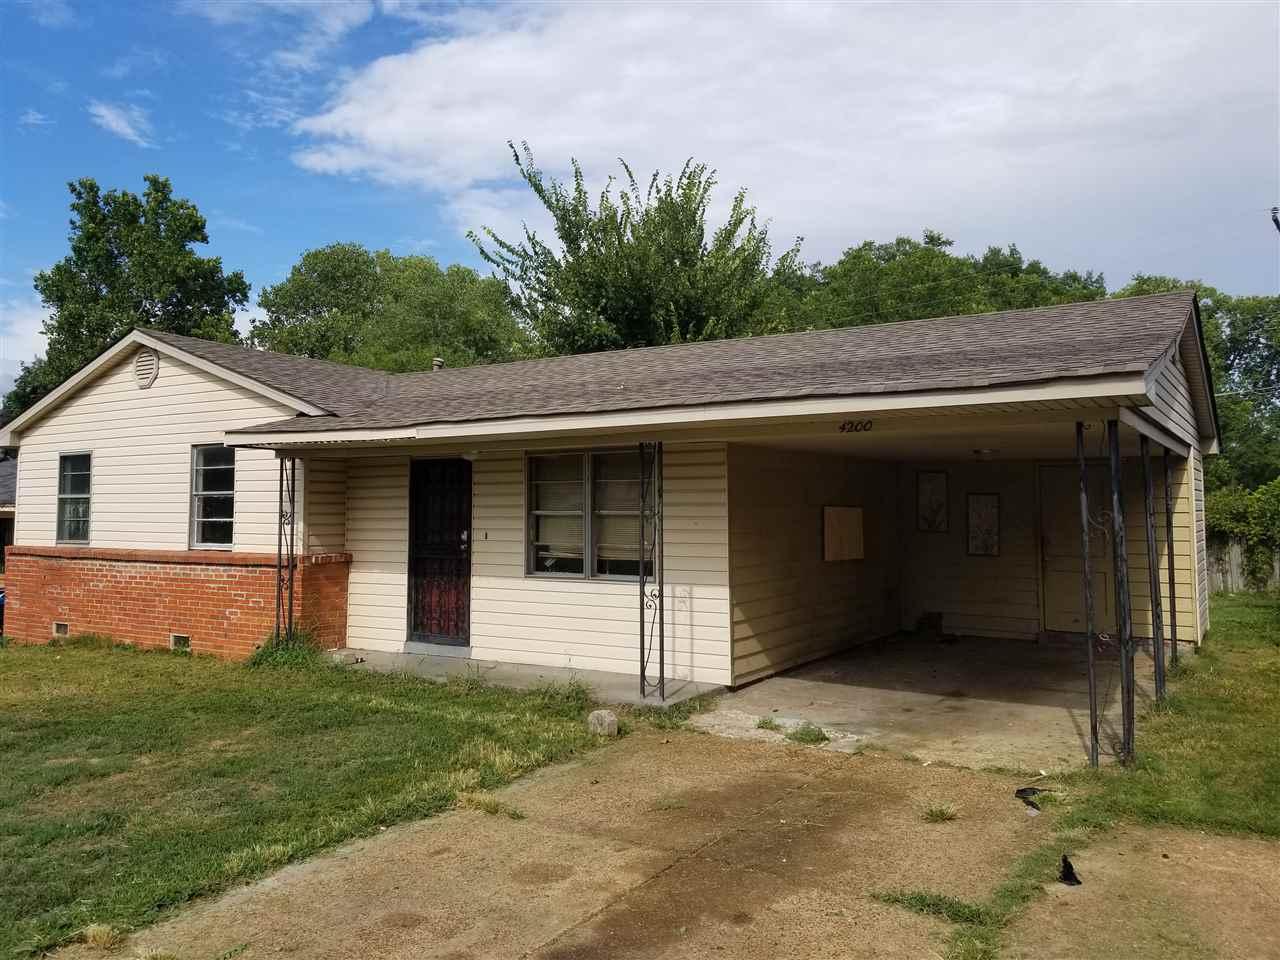 4200 Arrow Rd. <br>Memphis, TN 38109